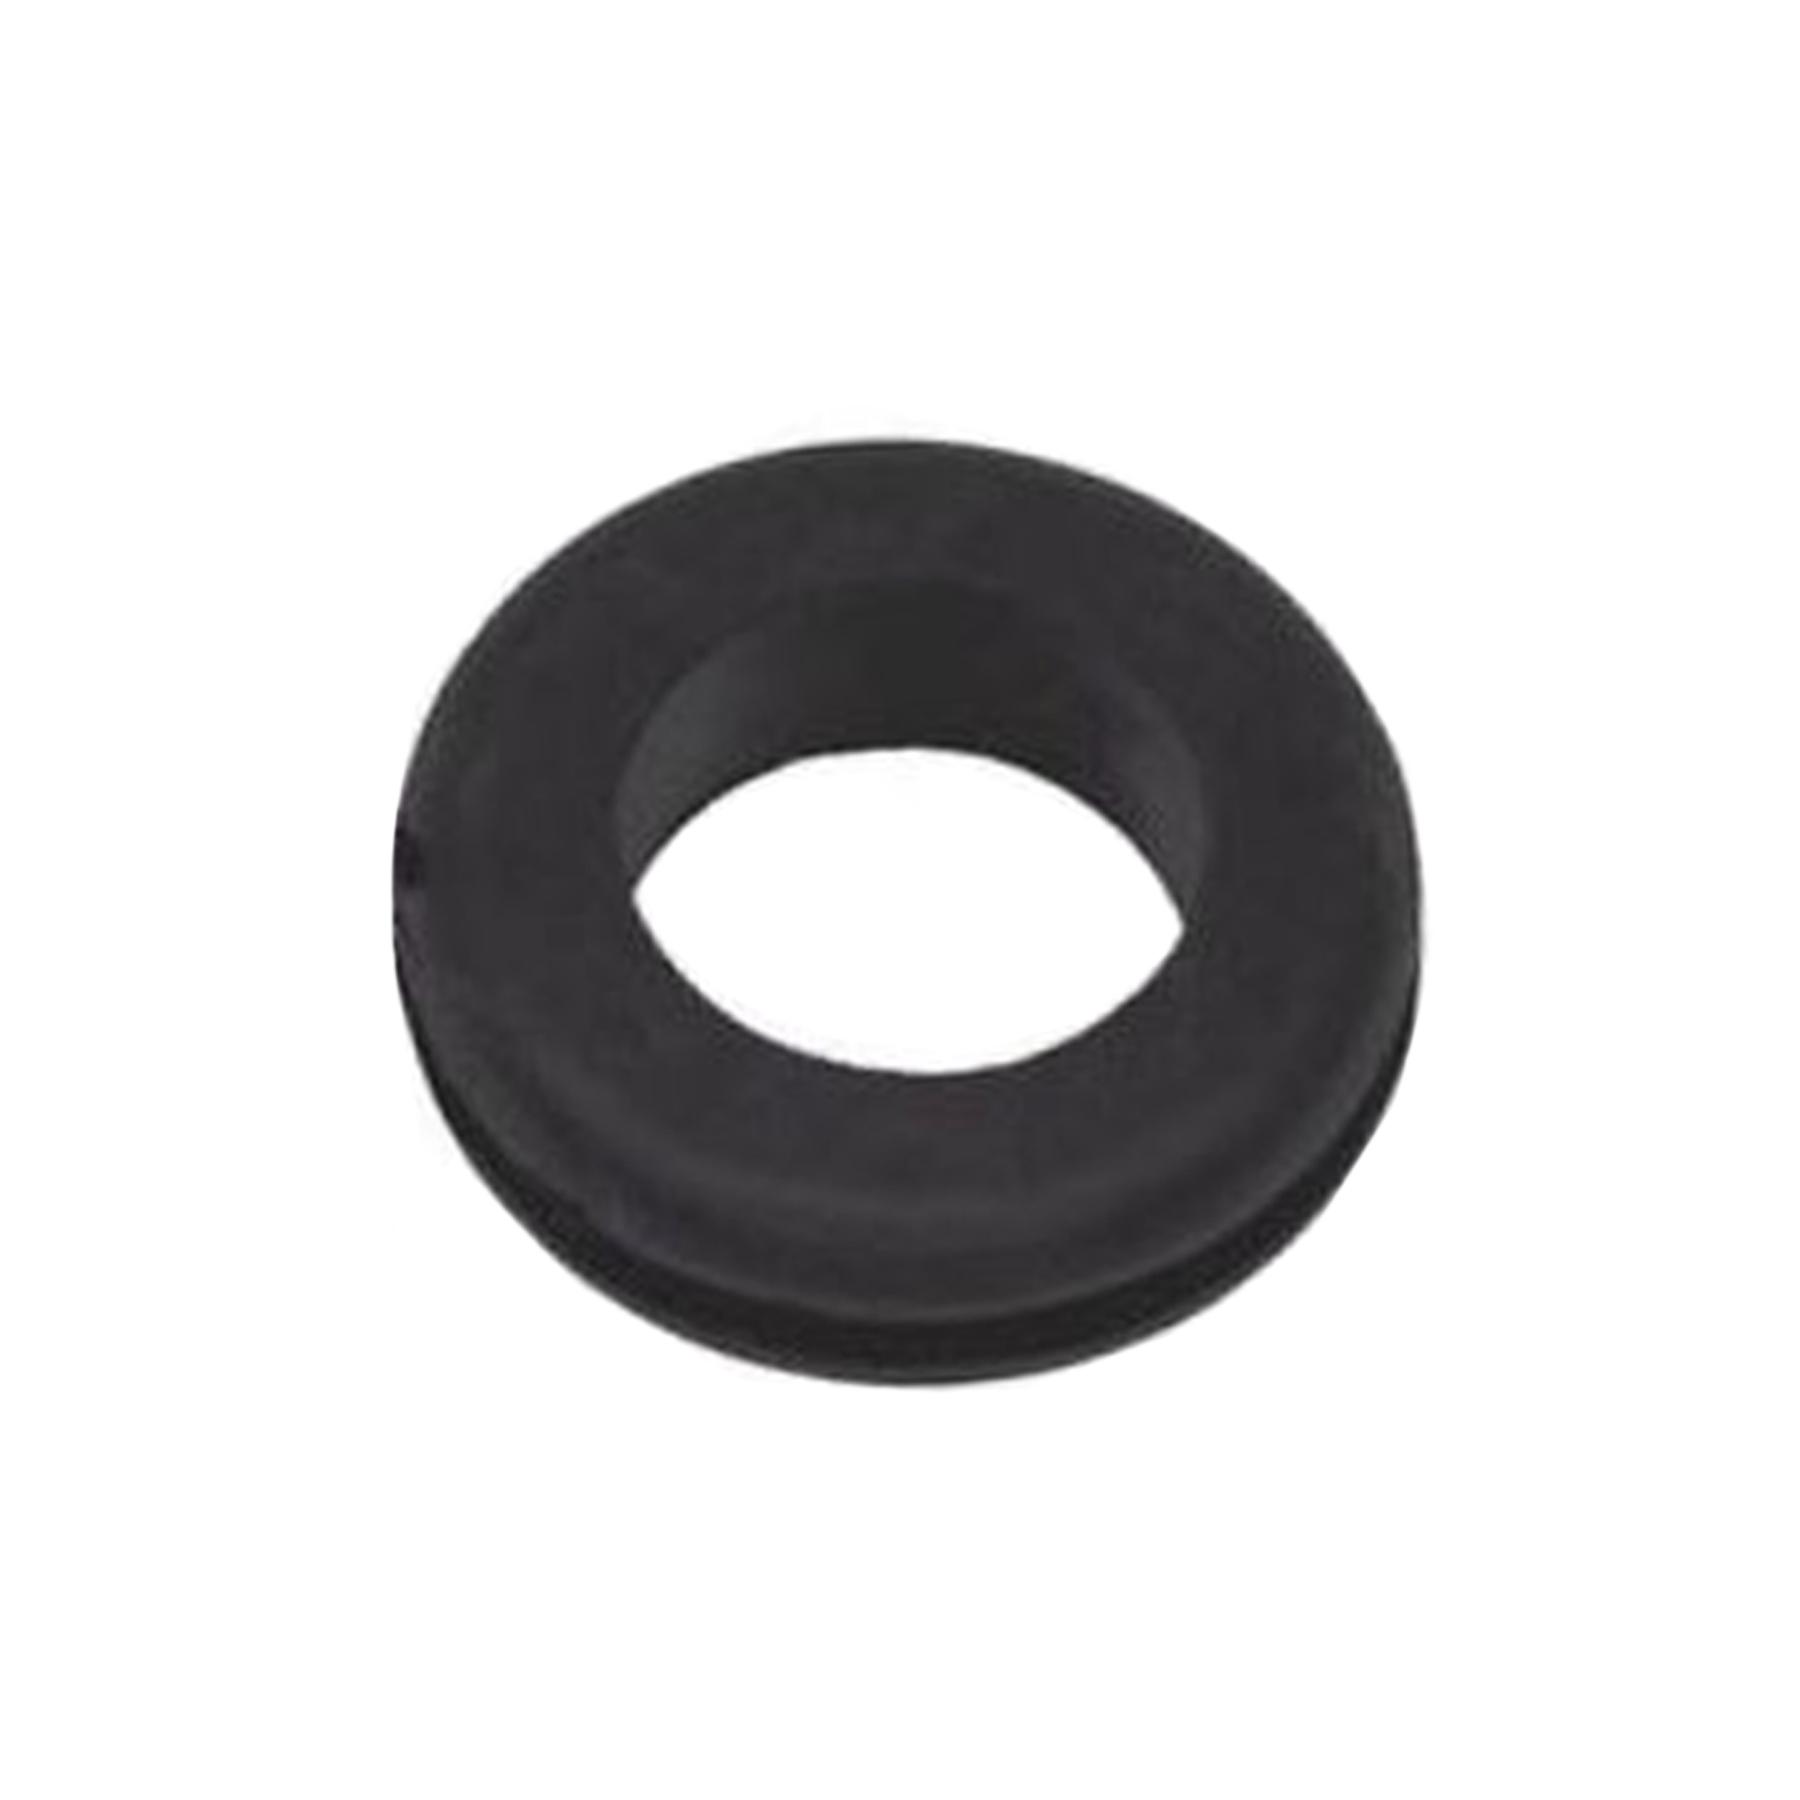 CONS Rubber Grommet, 1.000 Diameter